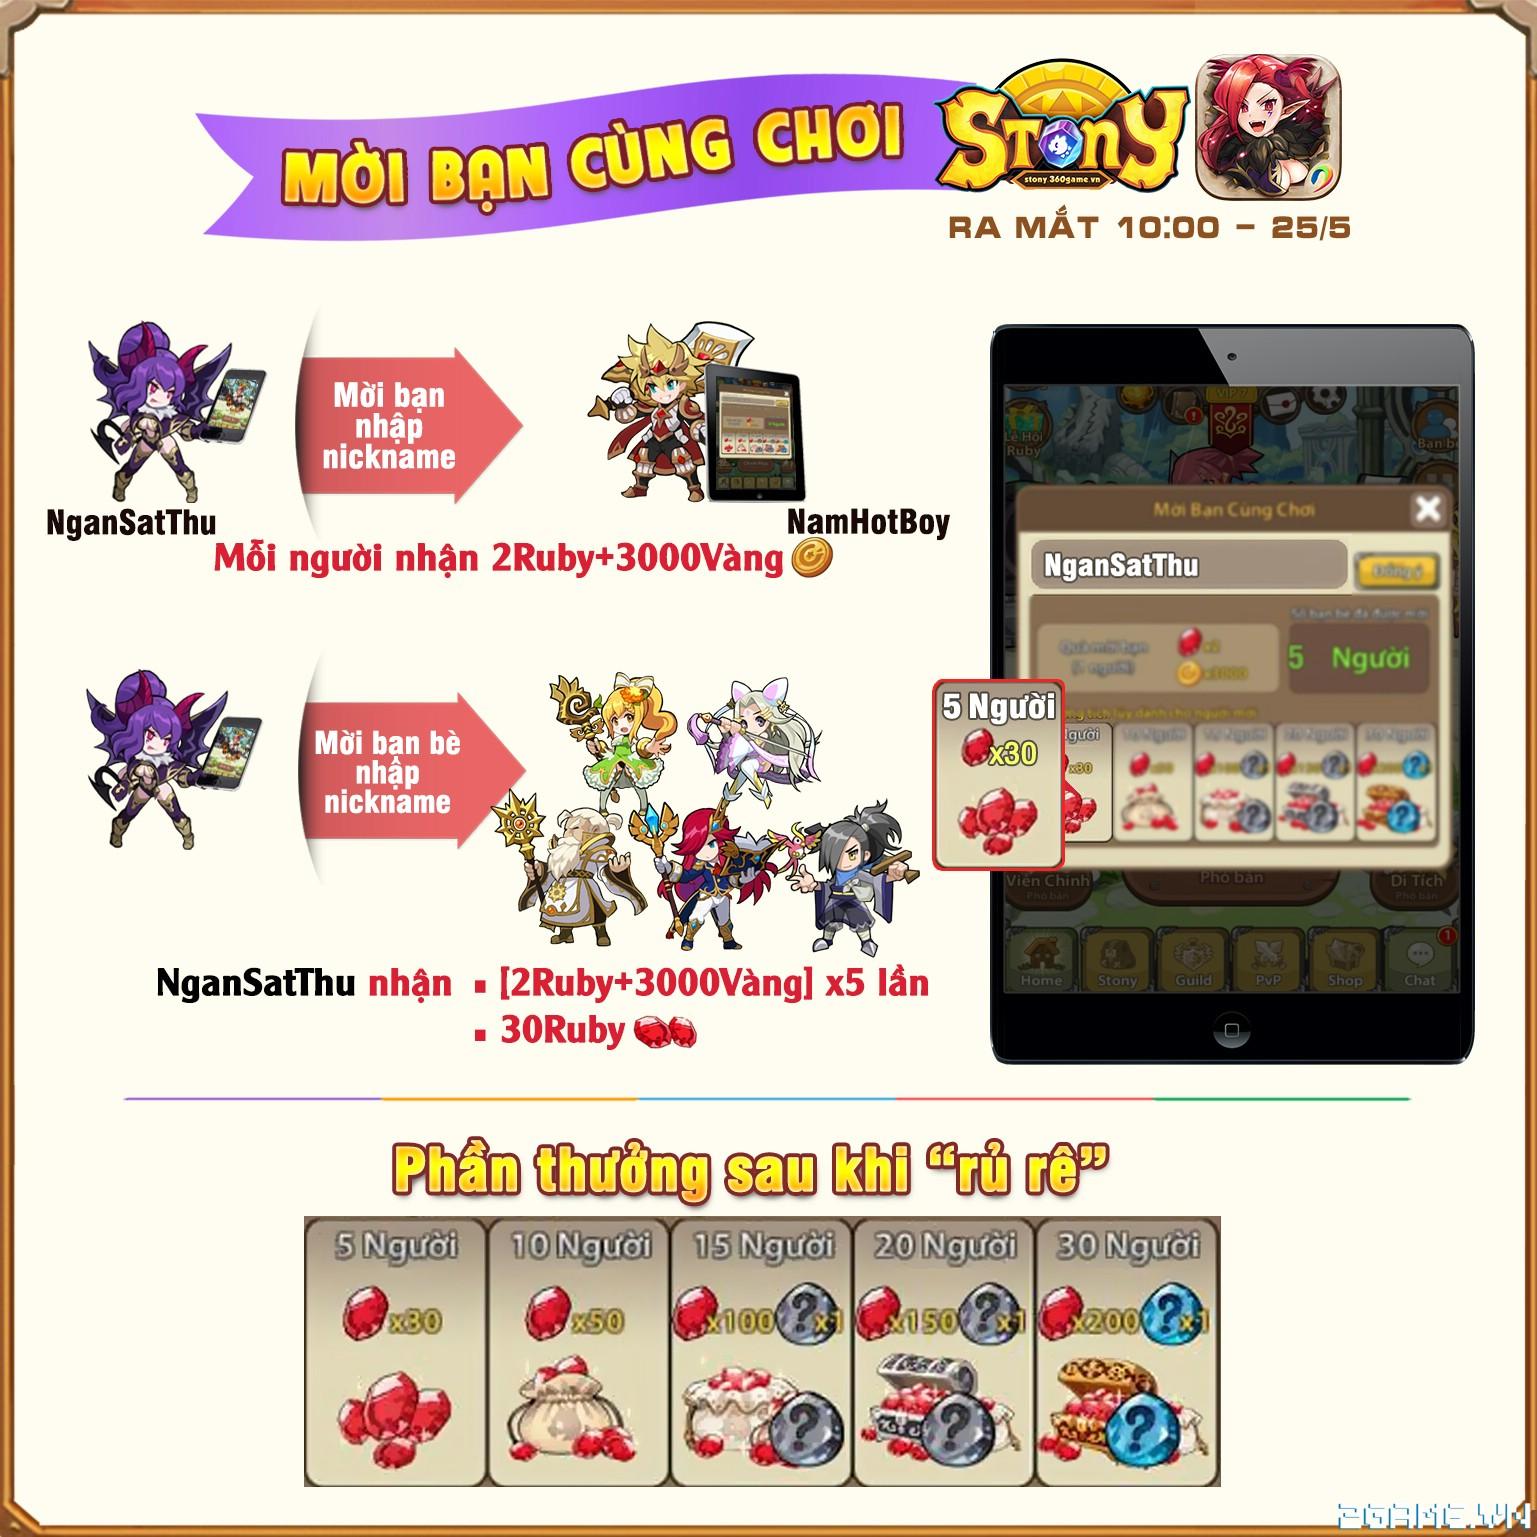 Stony Mobi - Hướng dẫn Mời bạn cùng chơi 2